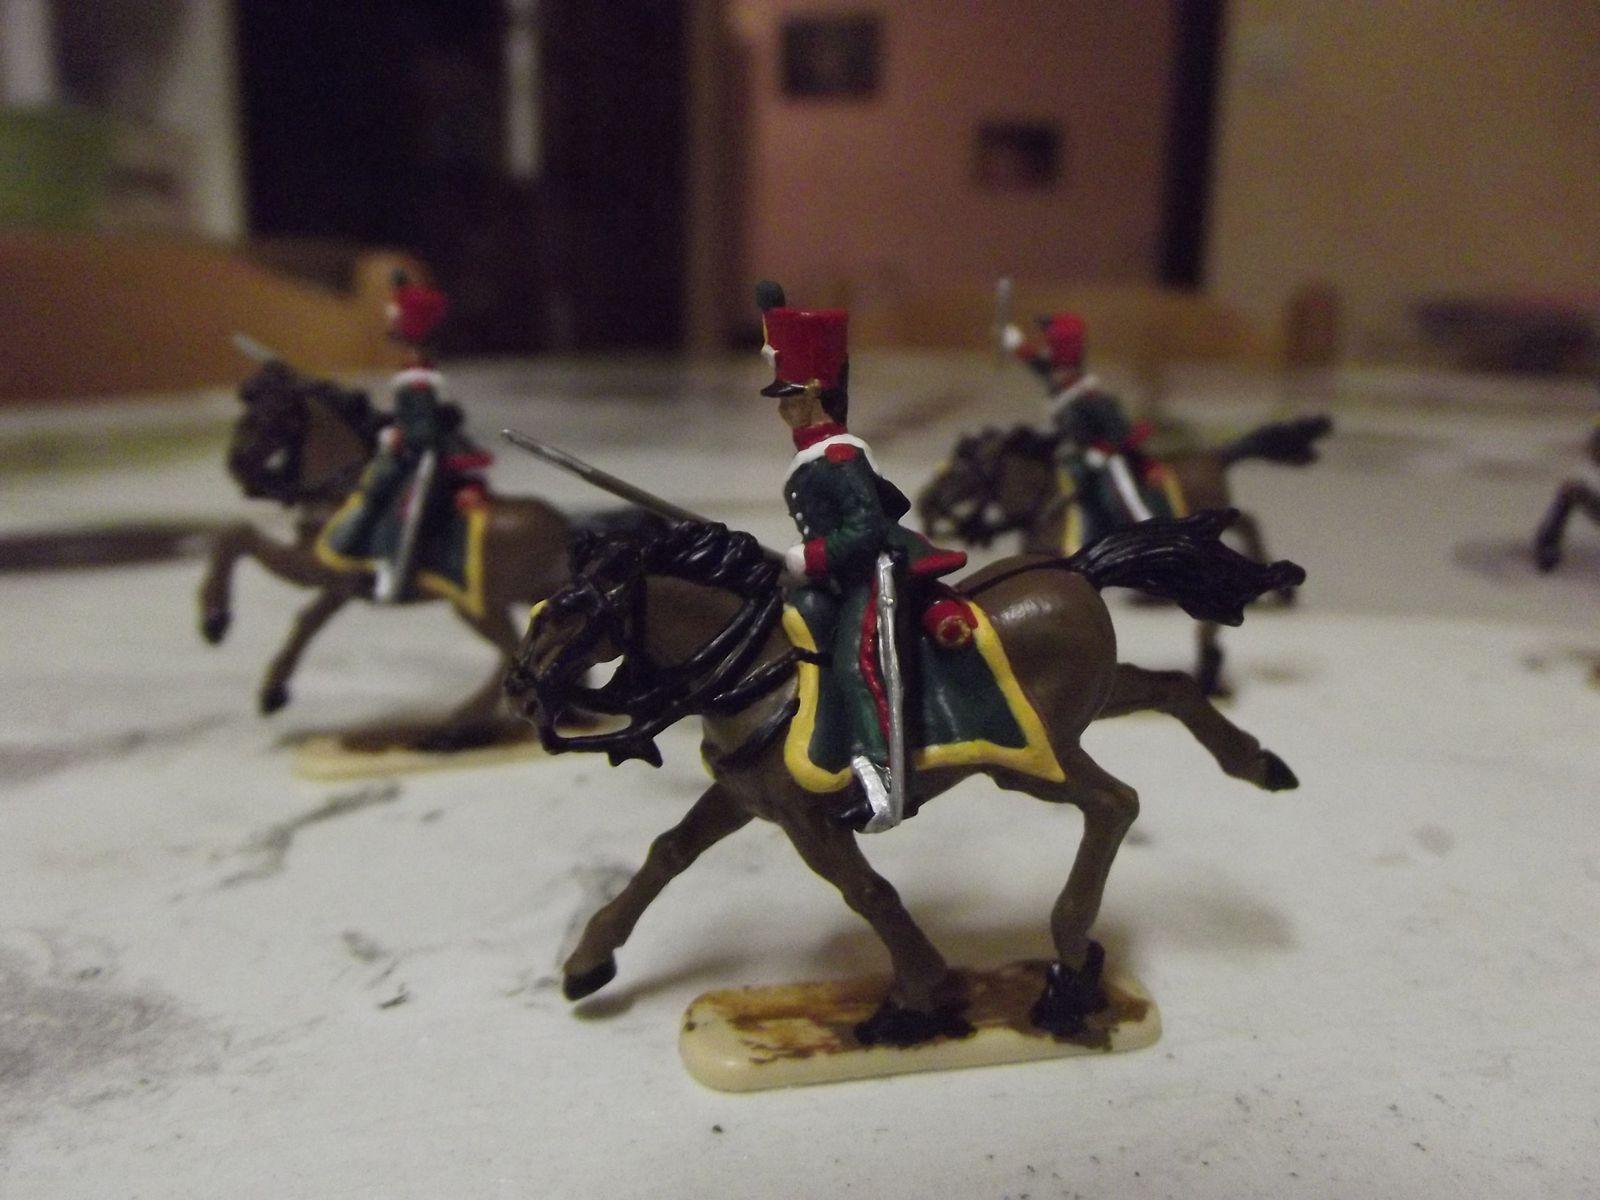 Les éclaireurs iront rejoindre un diorama sur le theme de la Campagne de France 1814...